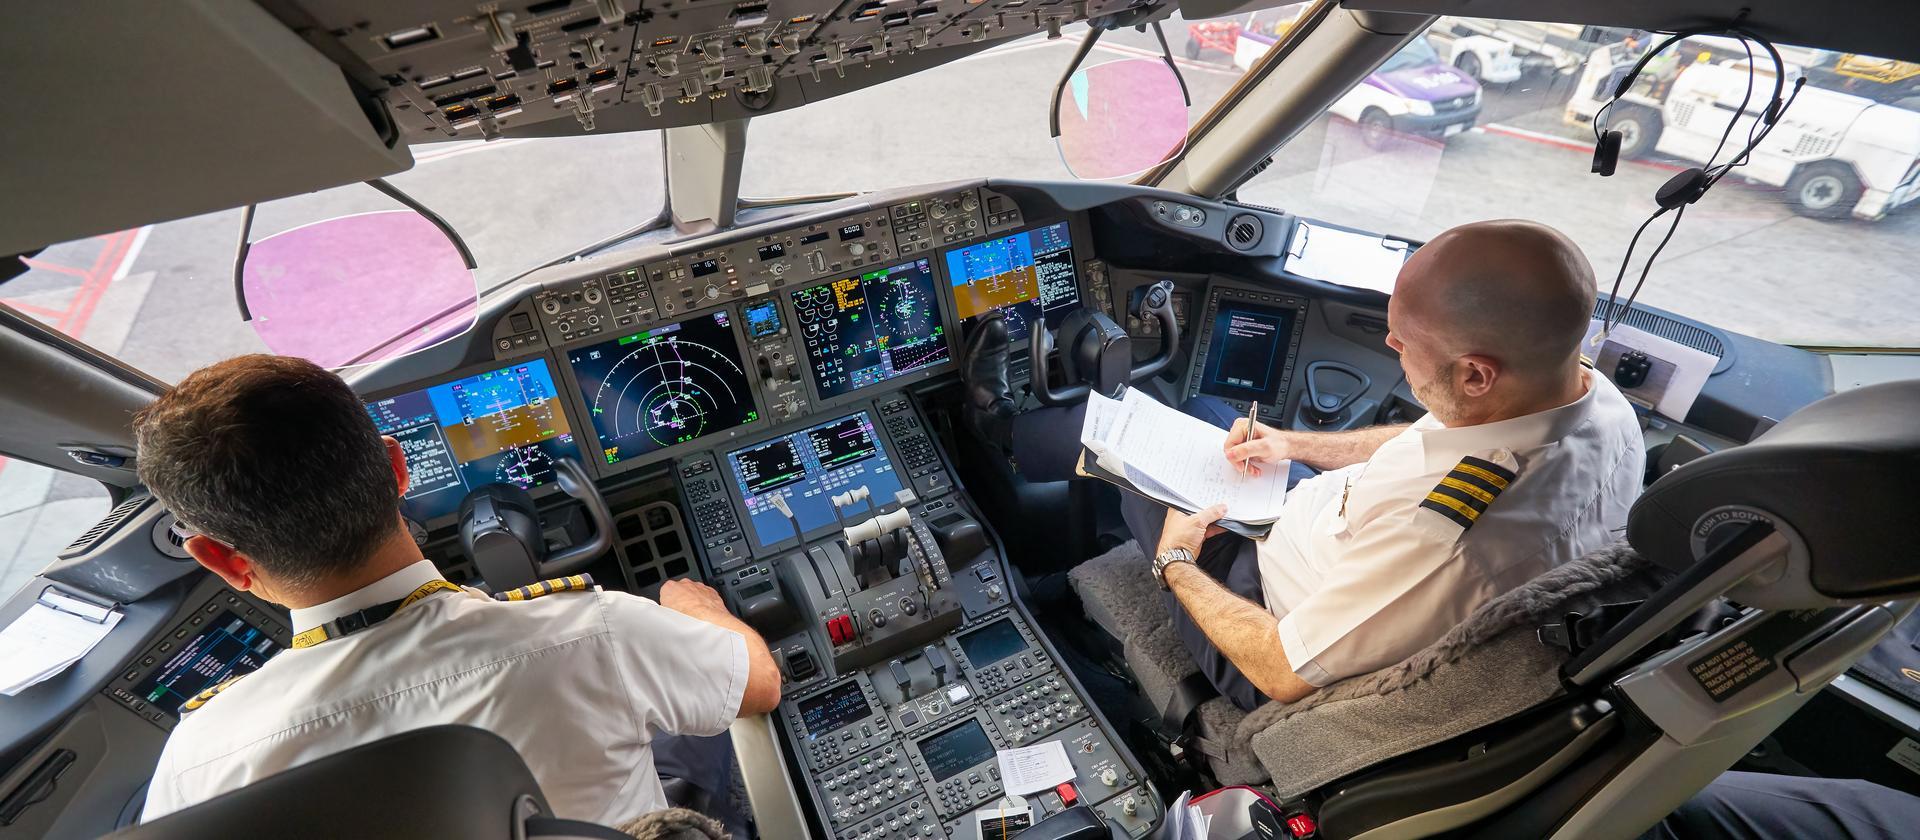 Co piąty lot na świecie wykorzystuje mapy z Gdańska. Tworzą je Polacy pod szyldem Boeinga